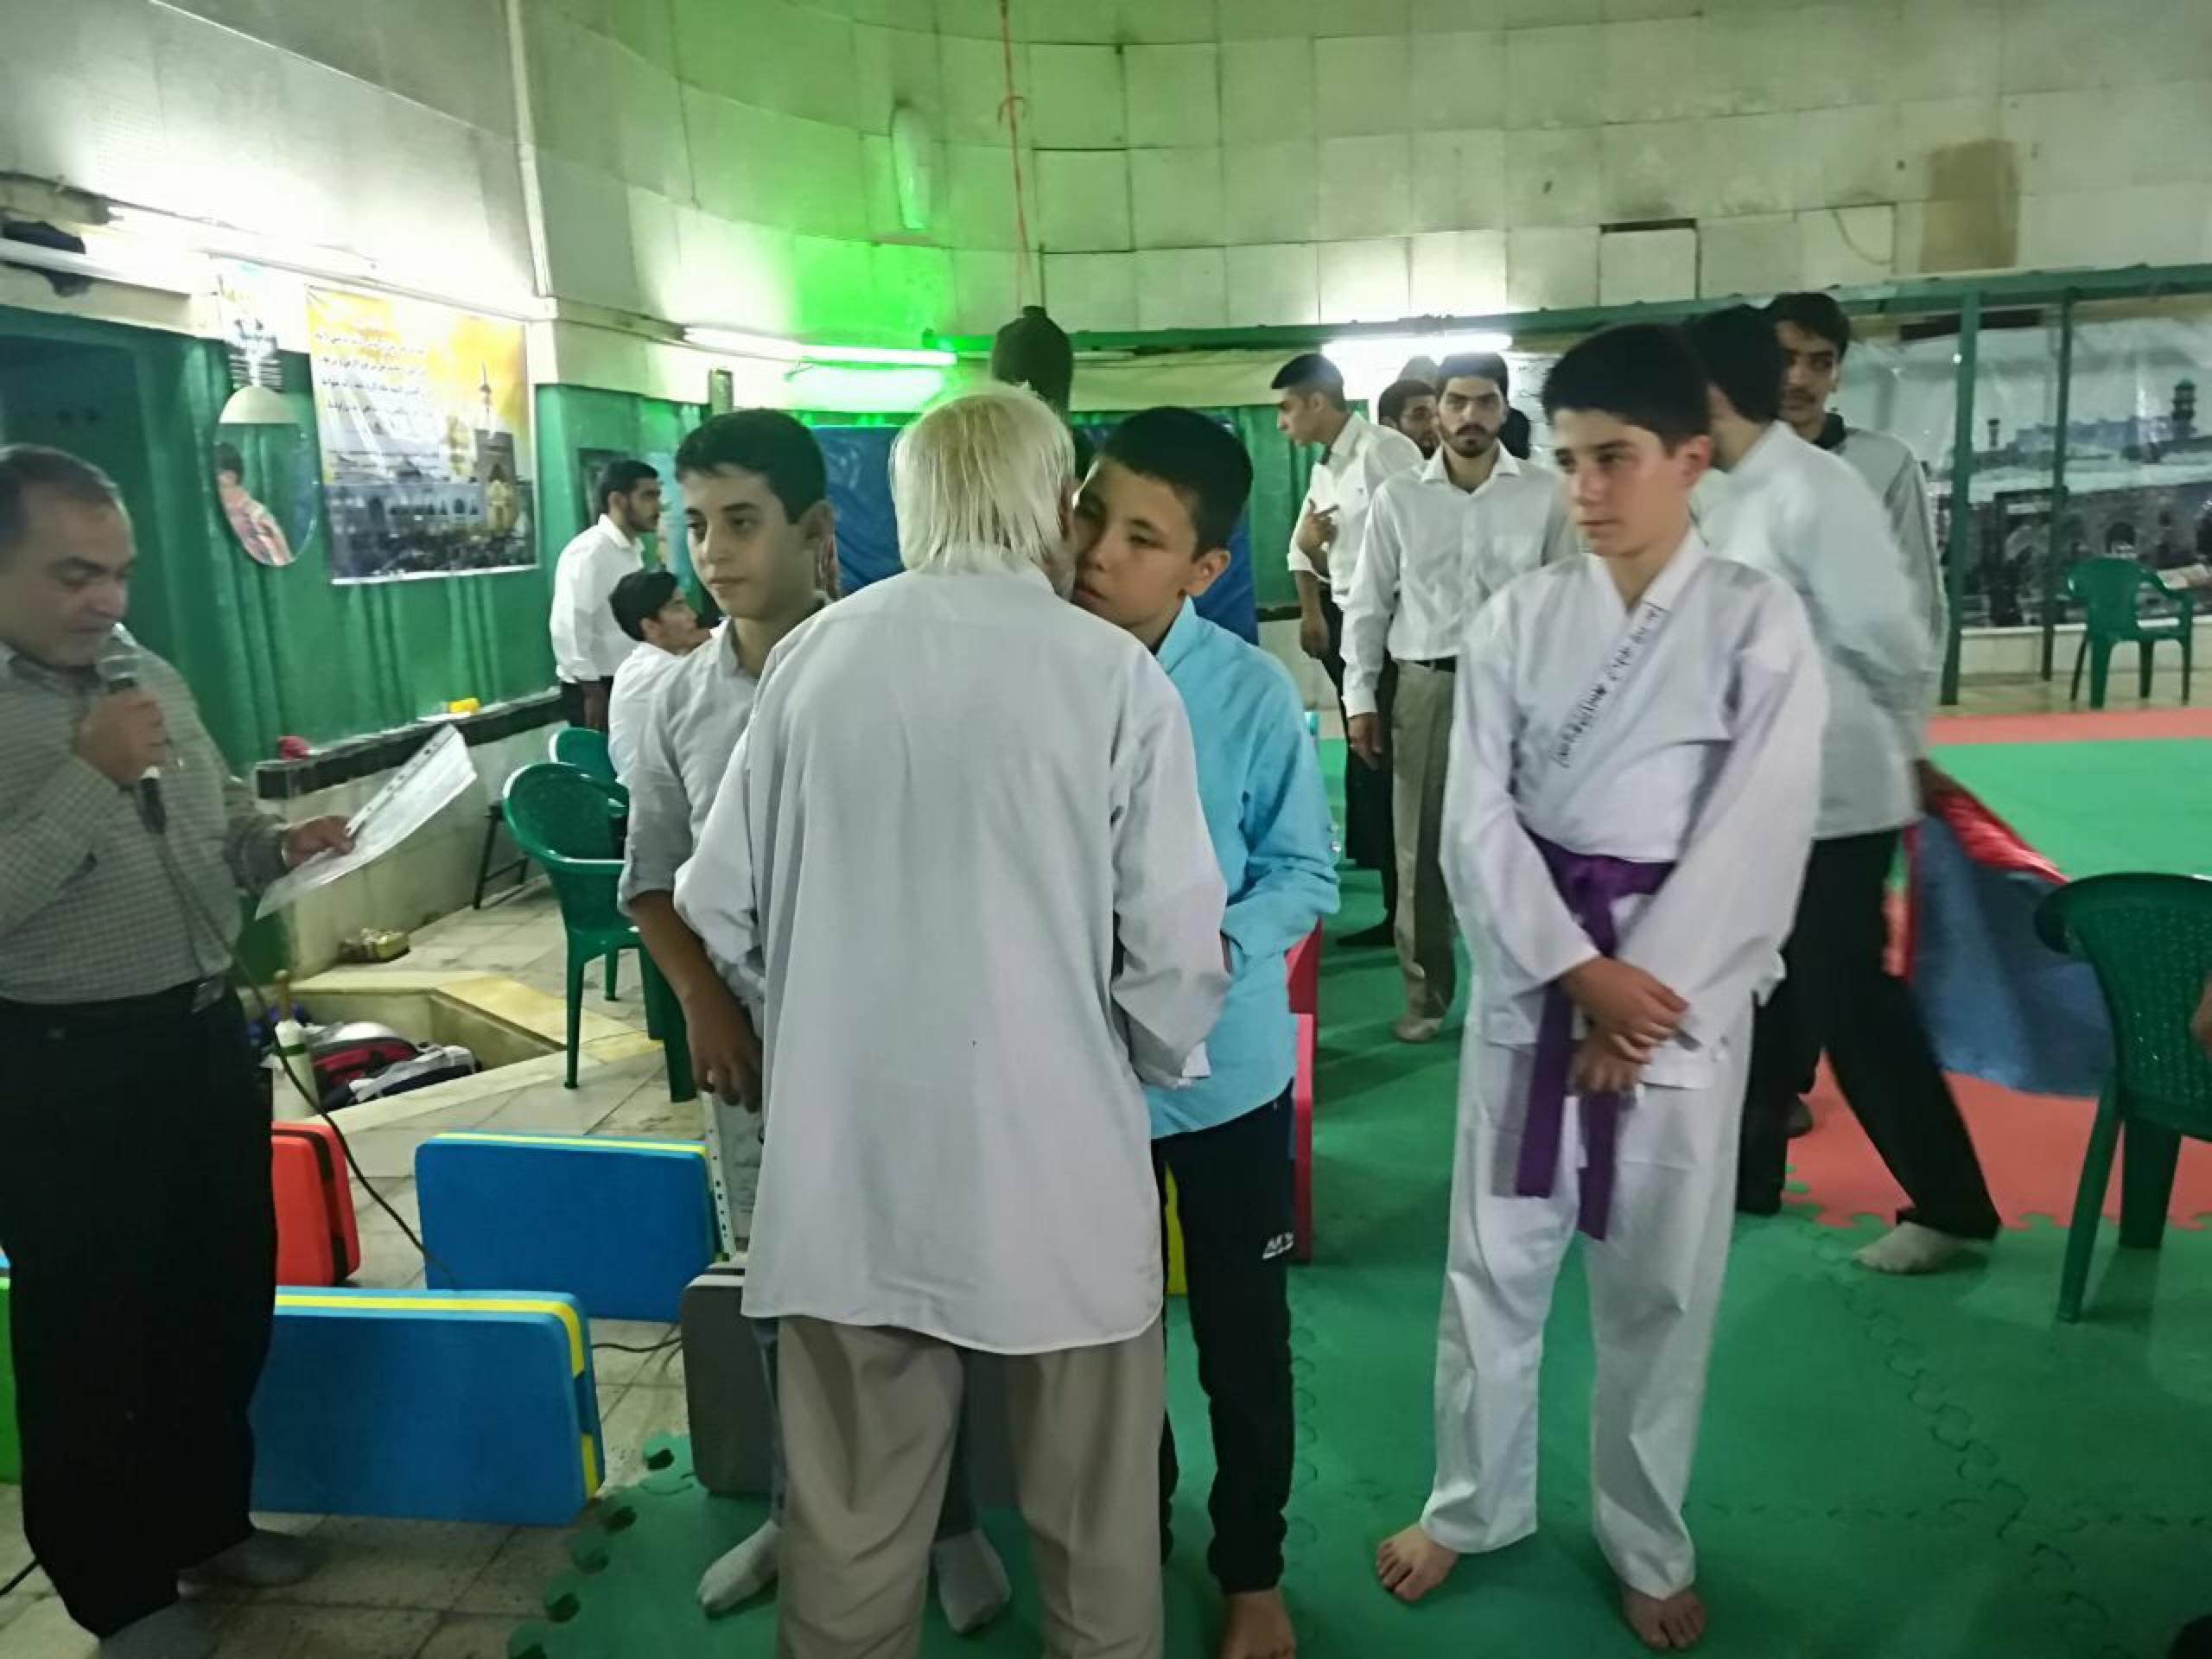 هنرجویان باشگاه اخوان اسلامی